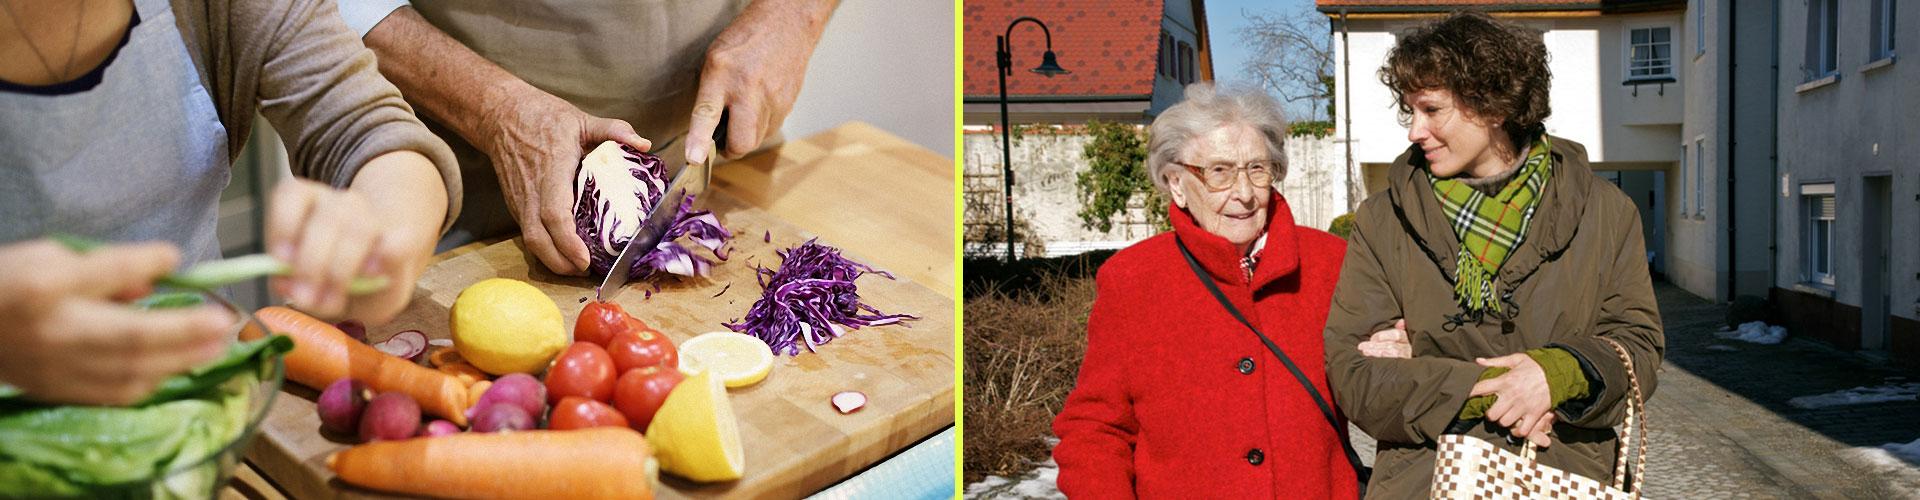 Hilfe für Senioren und pflegebedürftige Personen